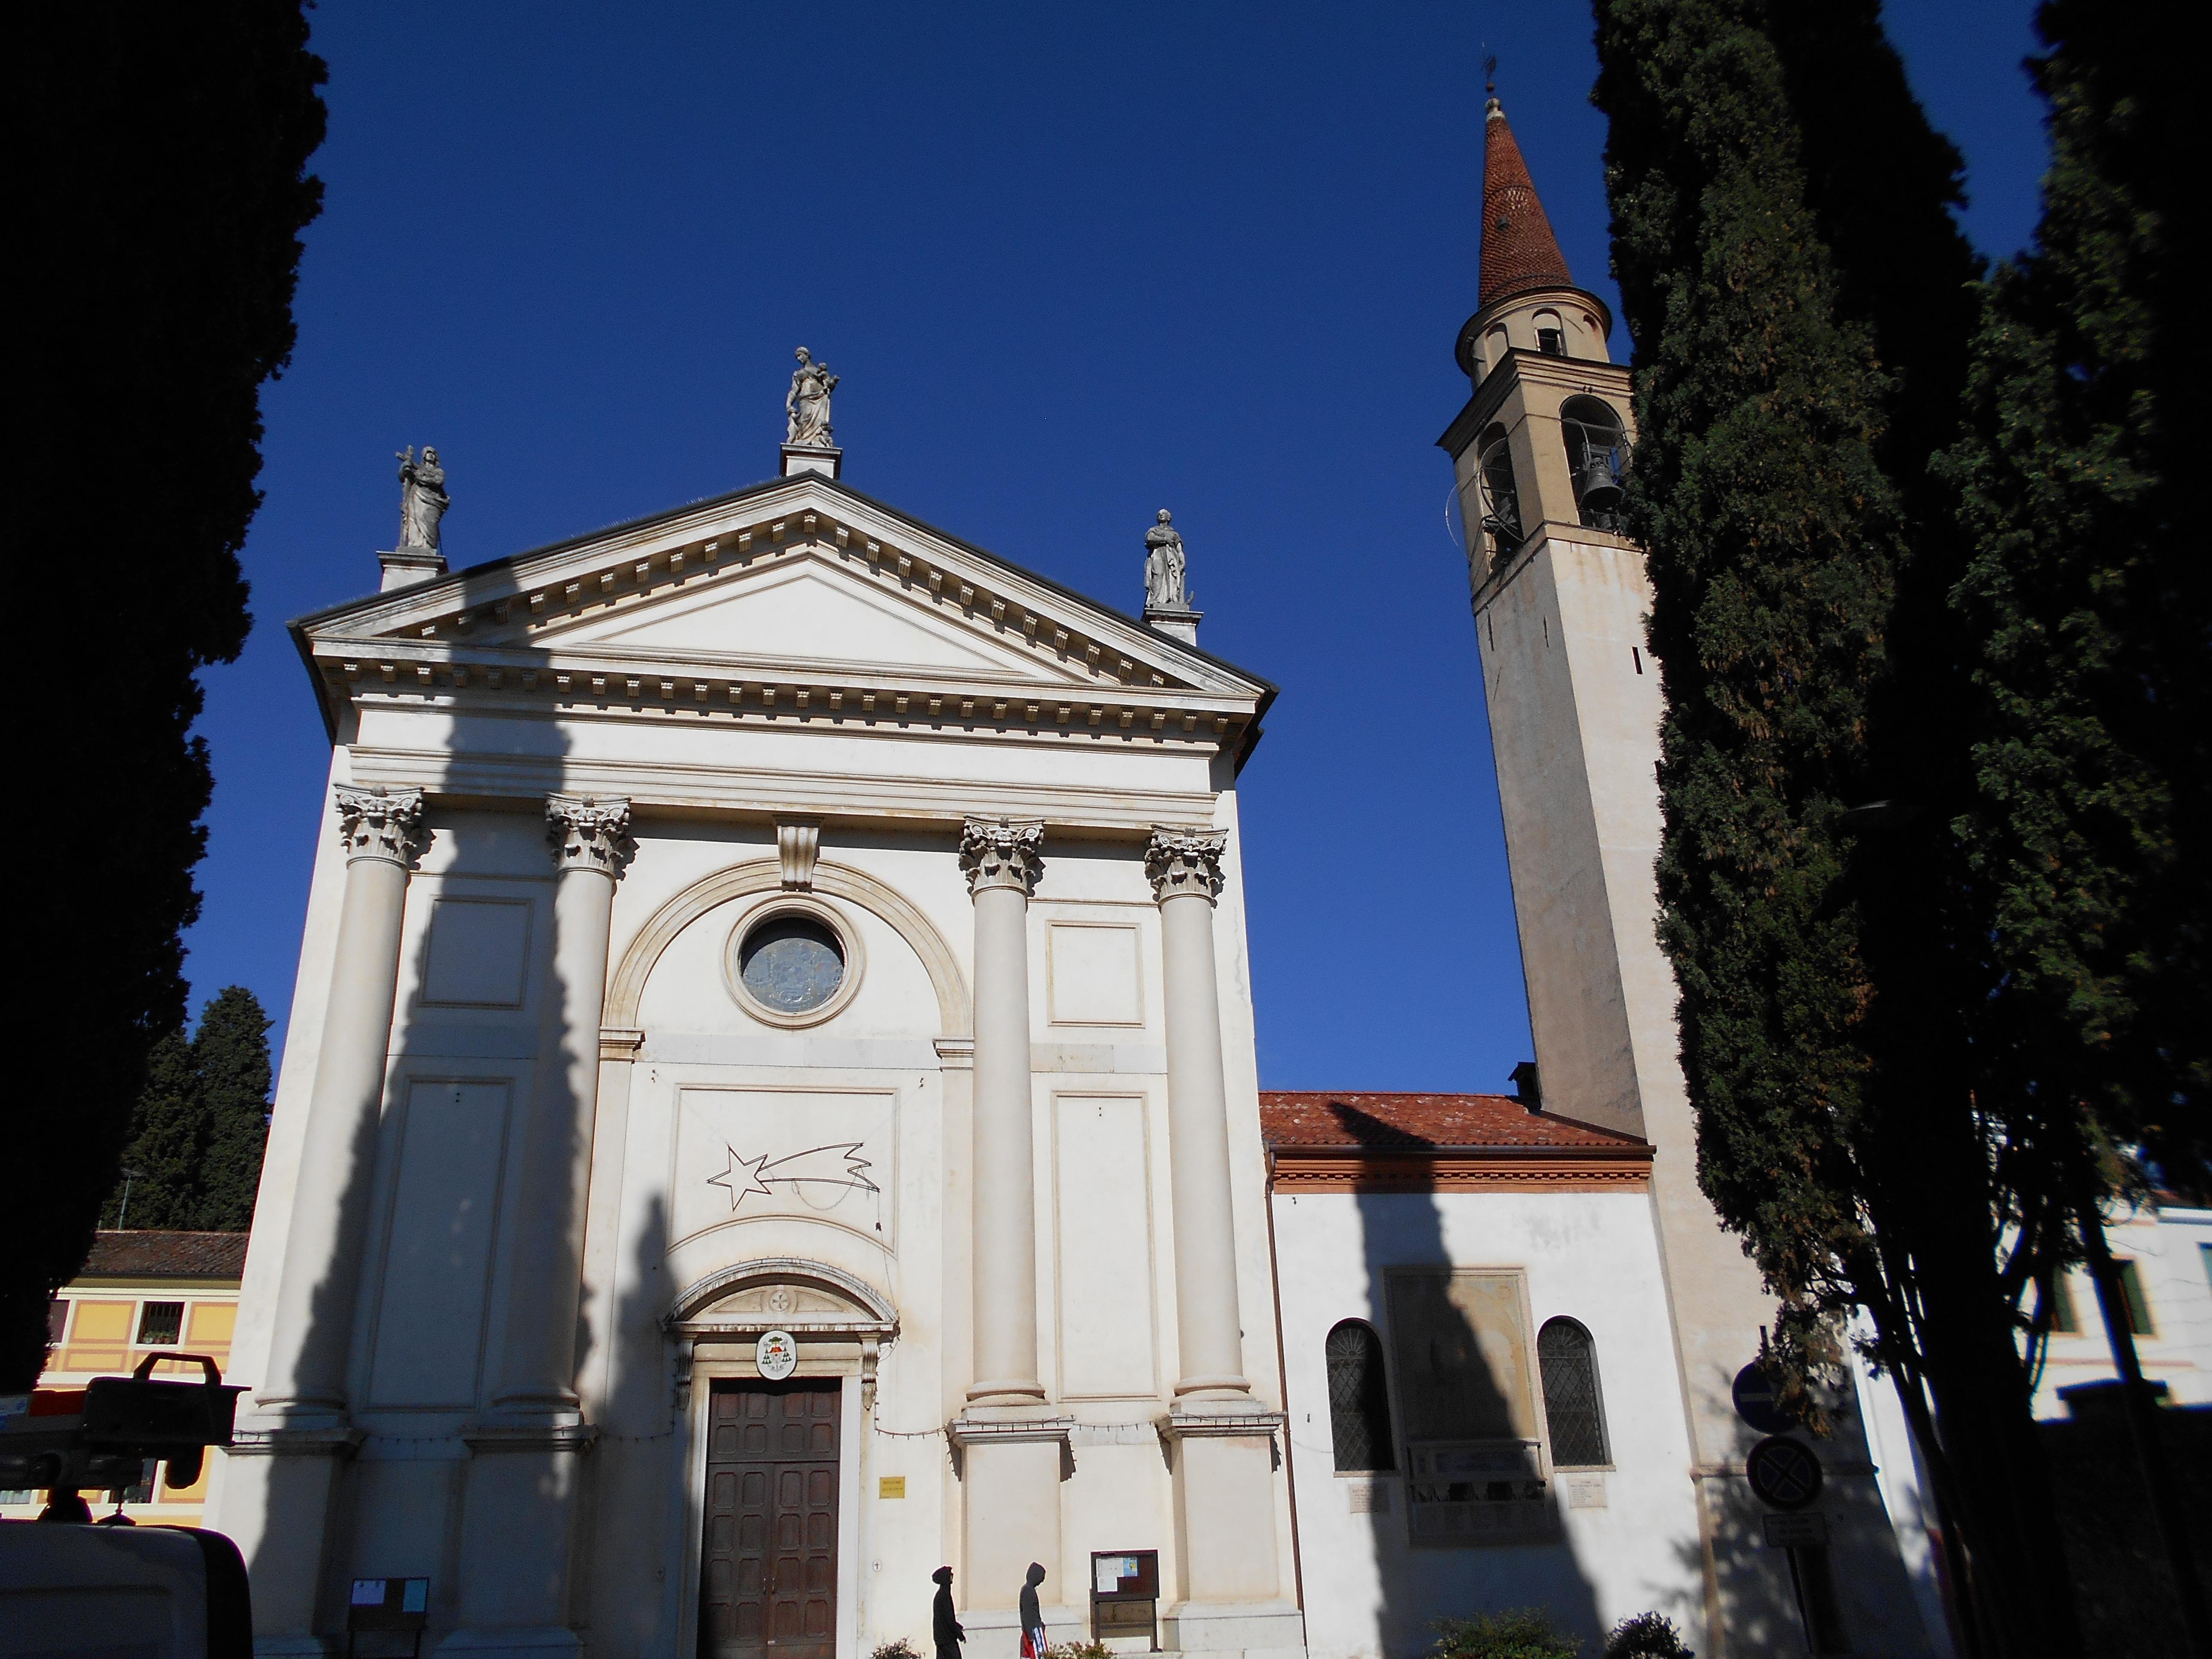 Architetto Bassano Del Grappa file:chiesa della trinità, bassano del grappa, architetto